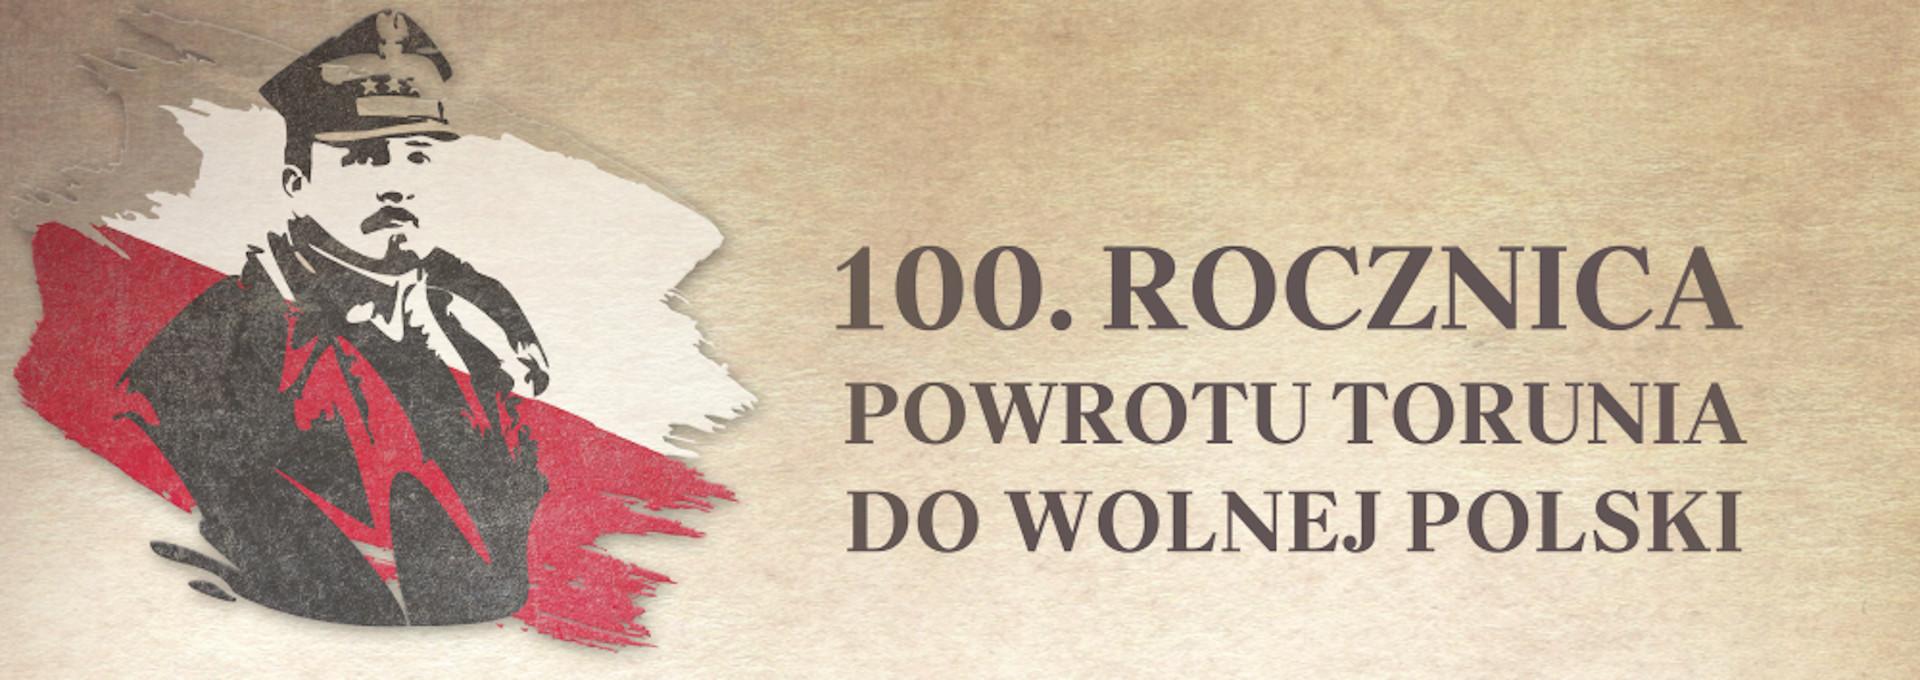 Generał Haller na tle biało-czerwonej flagi i napis: 100. rocznica powrotu Torunia do wolnej Polski